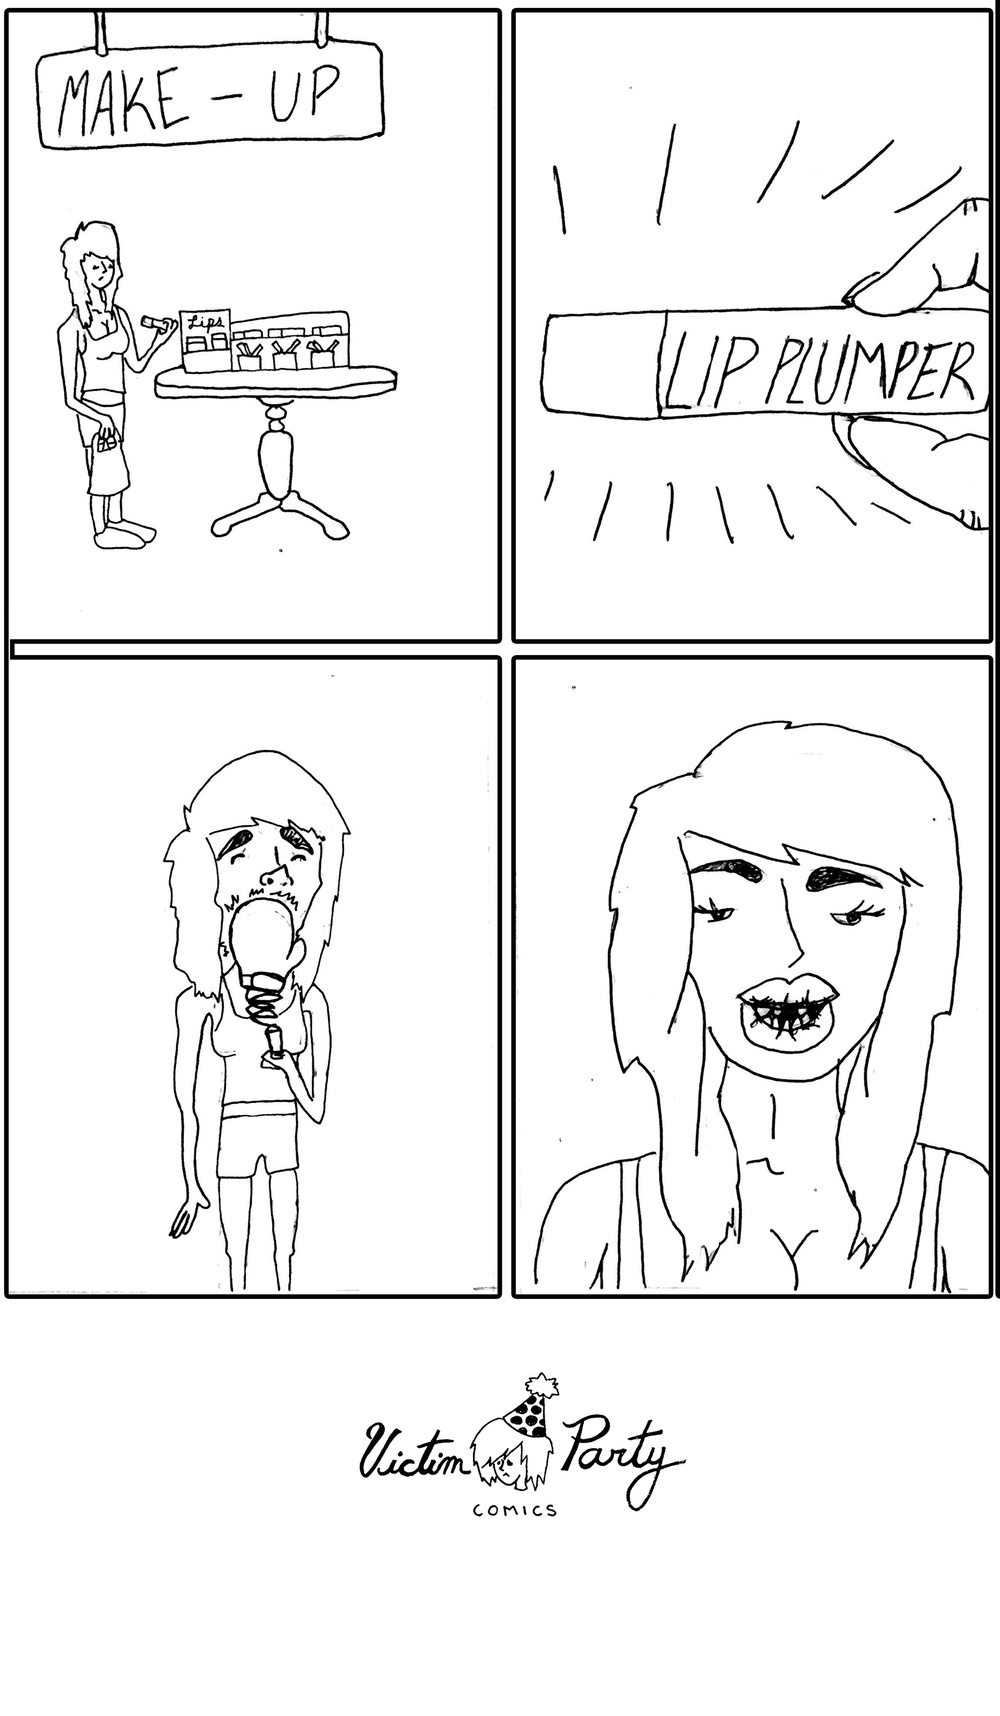 Lip Plumper by Olivia Grace - Victim Party Comics